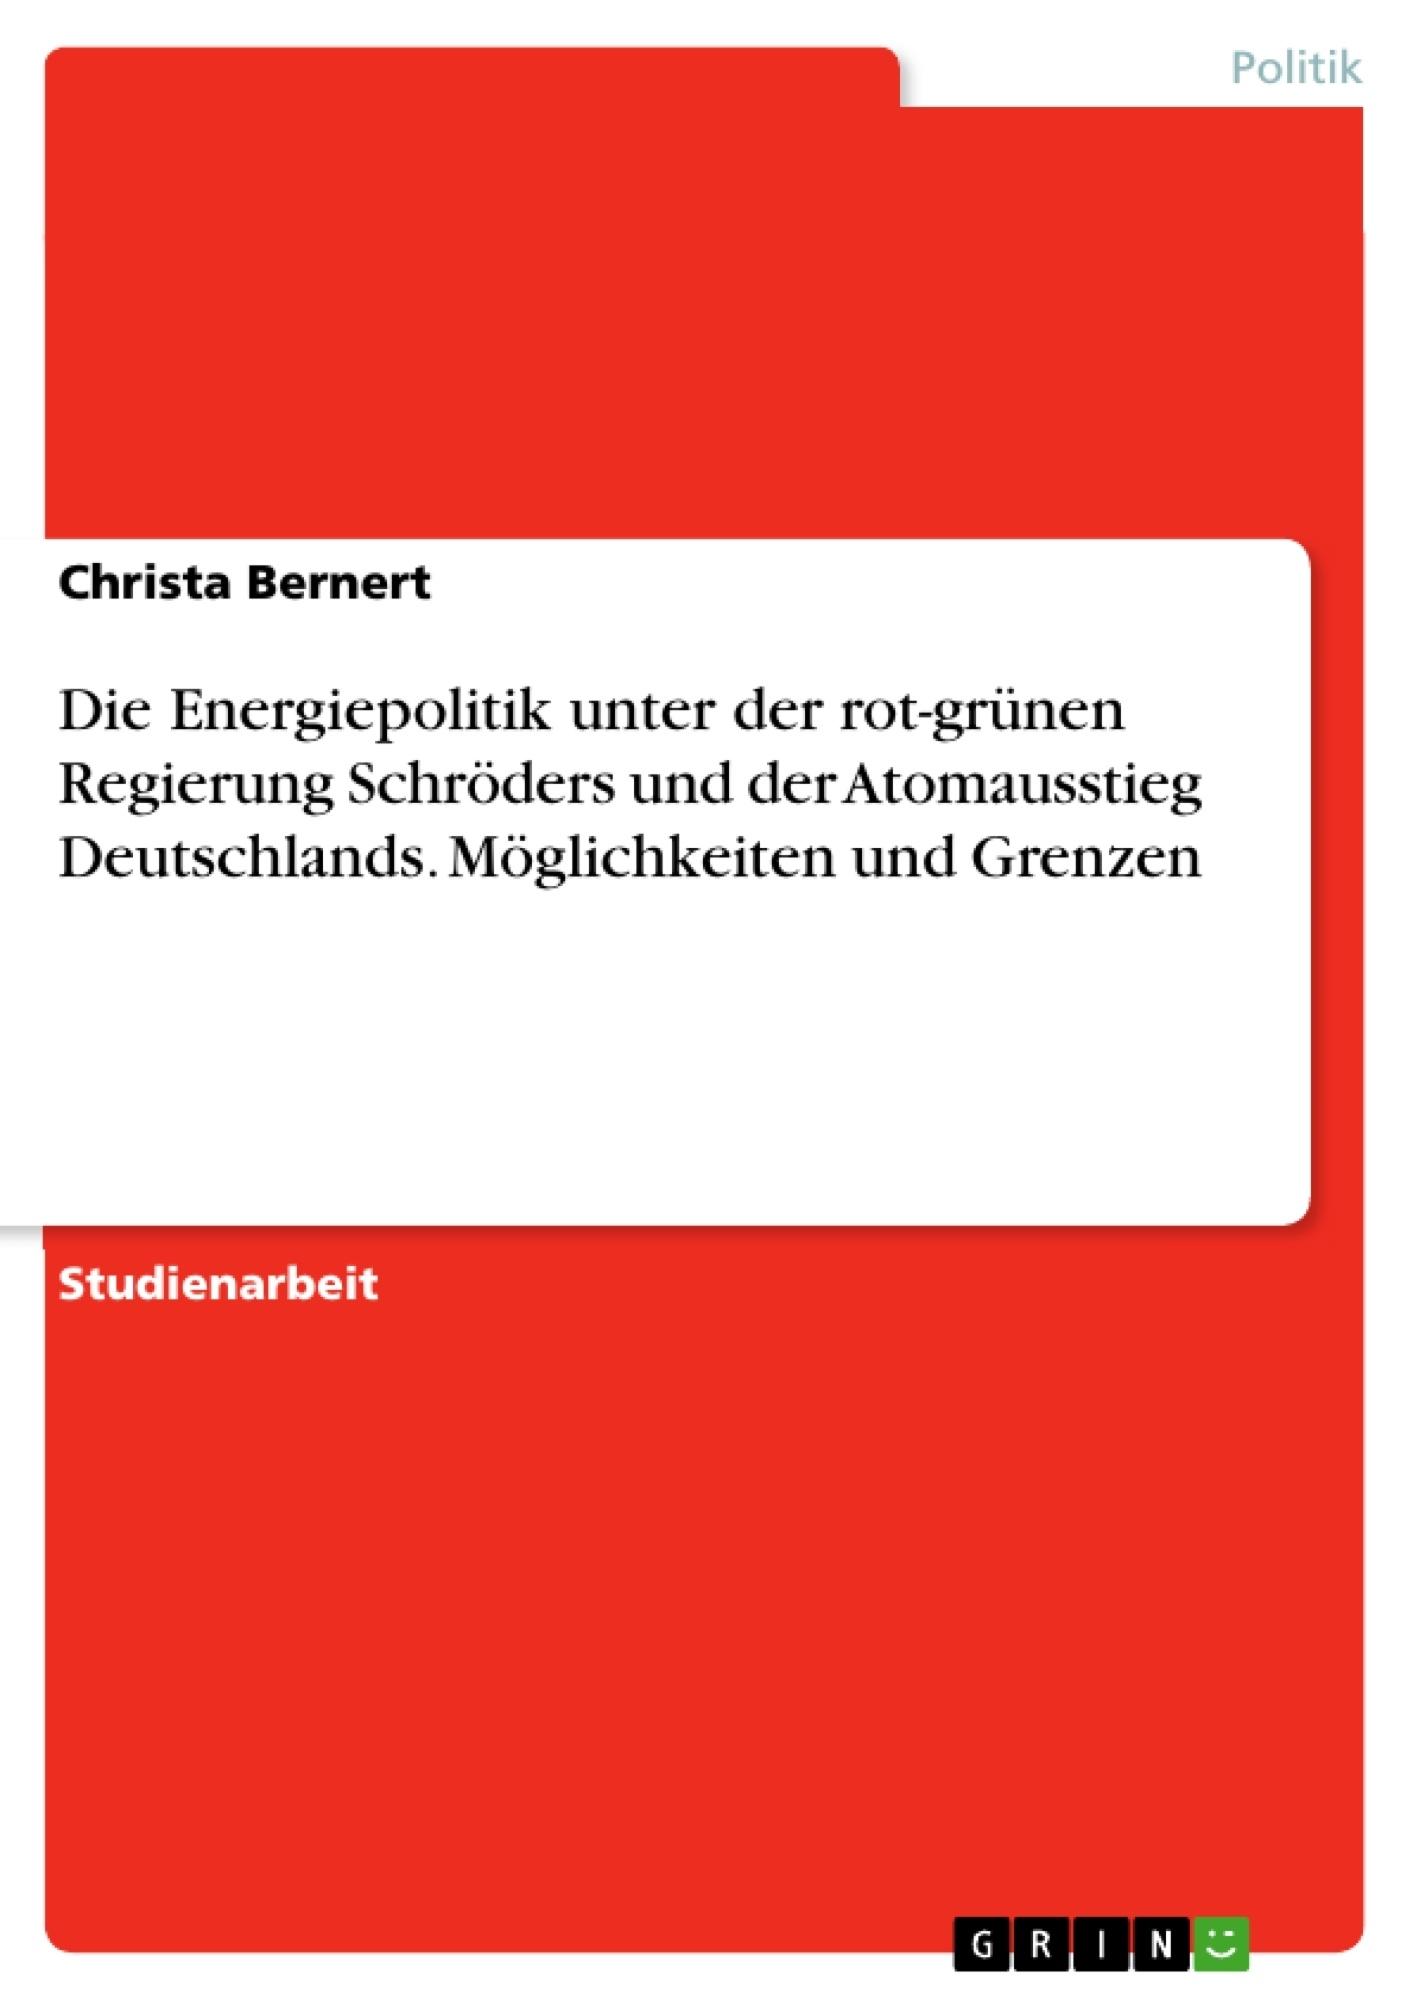 Titel: Die Energiepolitik unter der rot-grünen Regierung Schröders und der Atomausstieg Deutschlands. Möglichkeiten und Grenzen